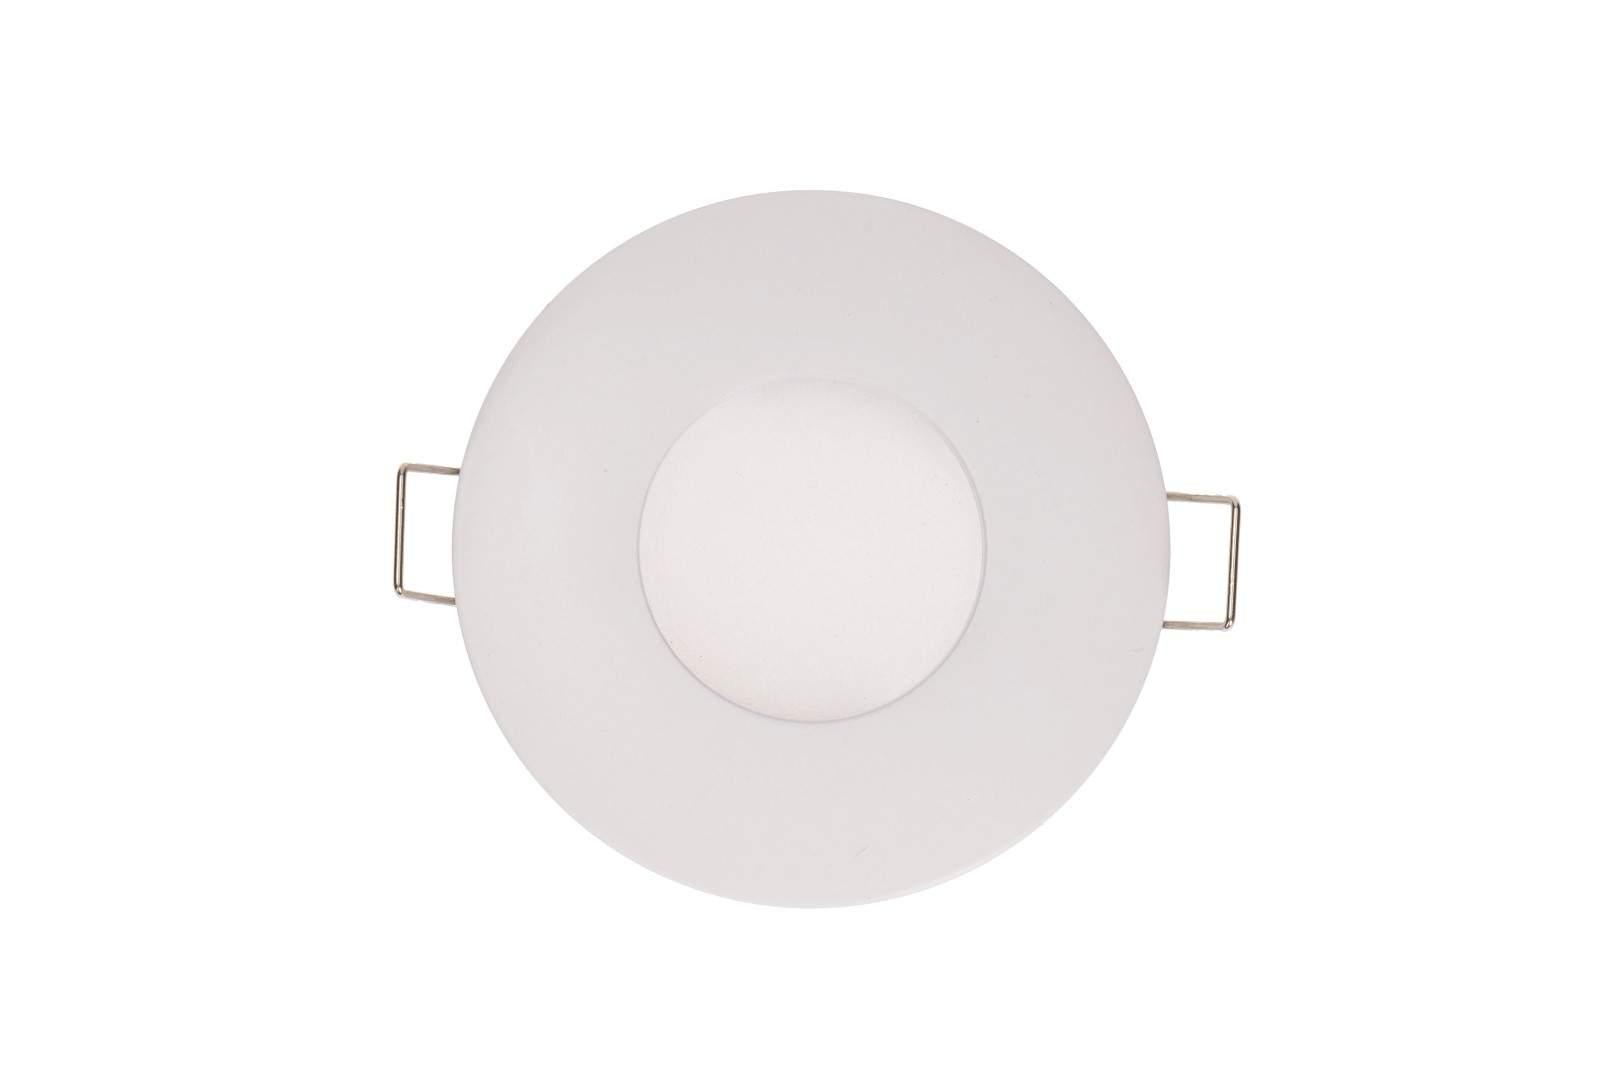 Valgusti raam Valgusti raam  BCL-01 valge ring  IP44